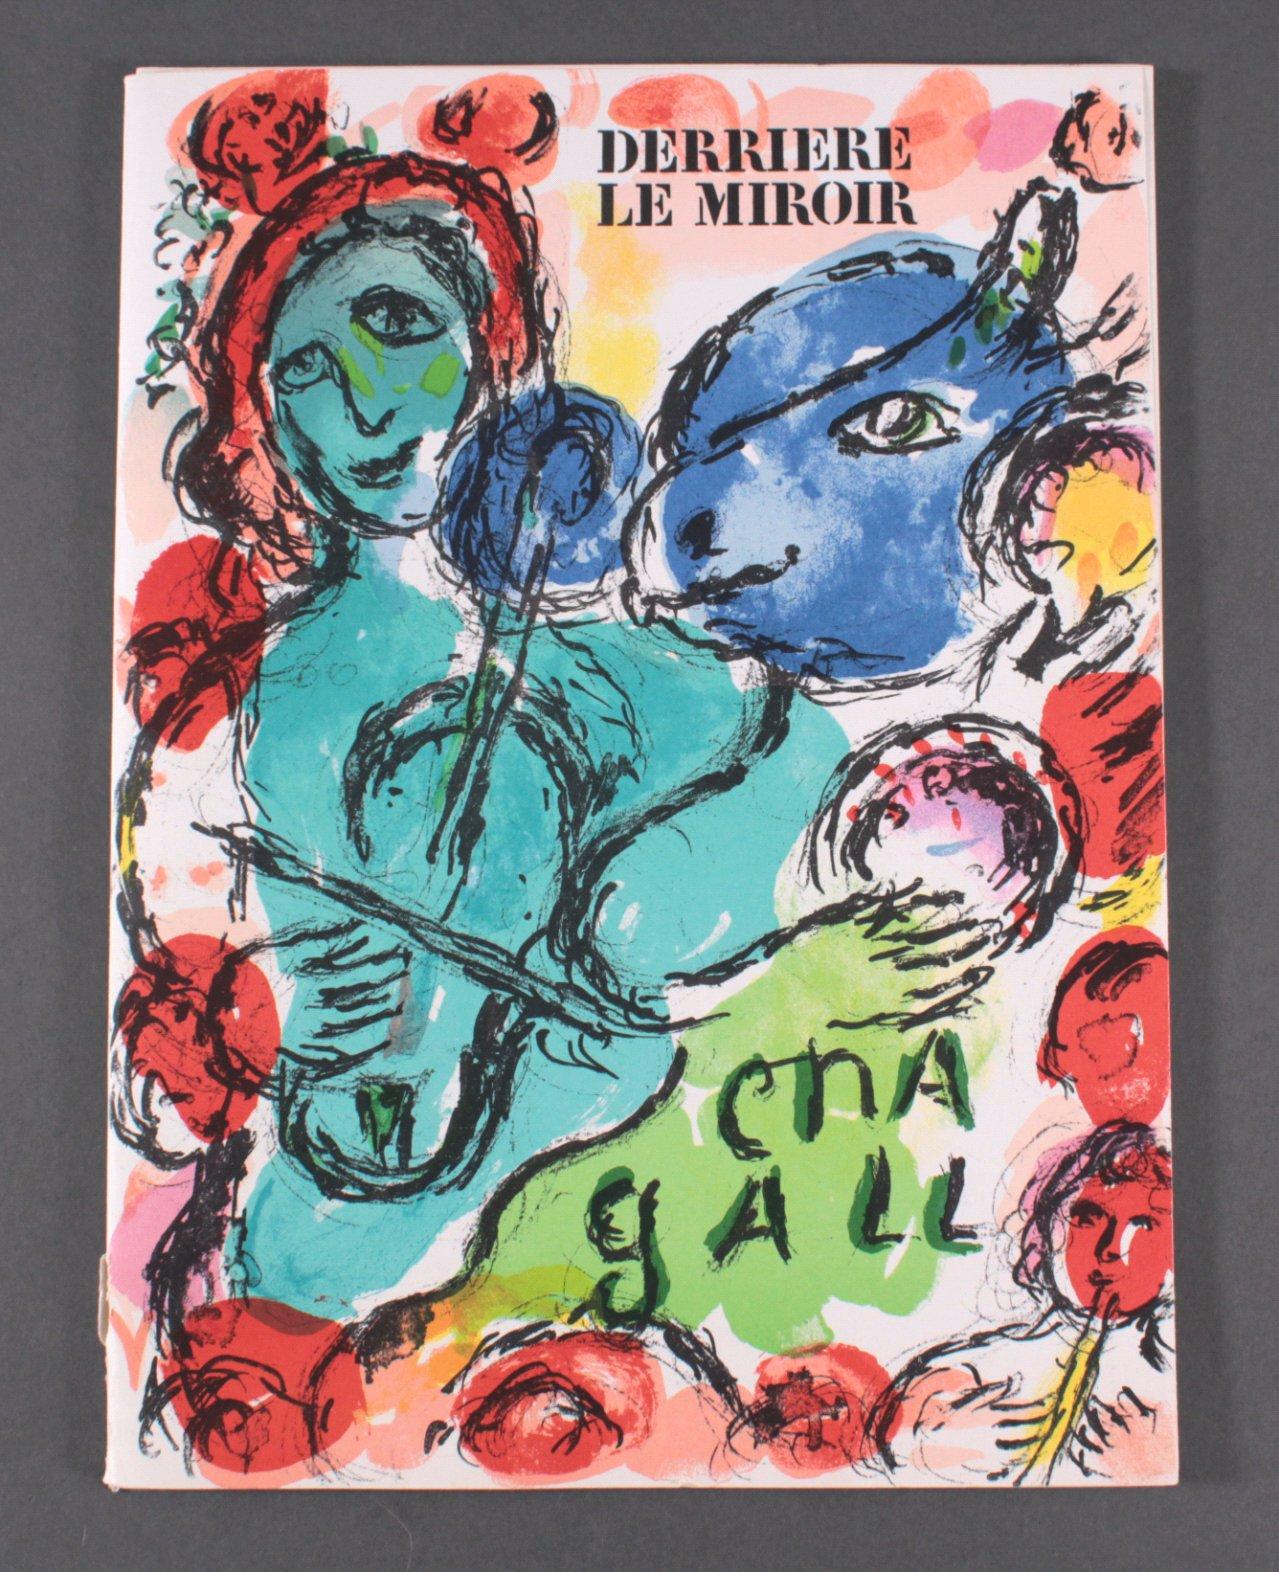 Derriere le miroir marc chagall badisches auktionshaus for Marc chagall derriere le miroir